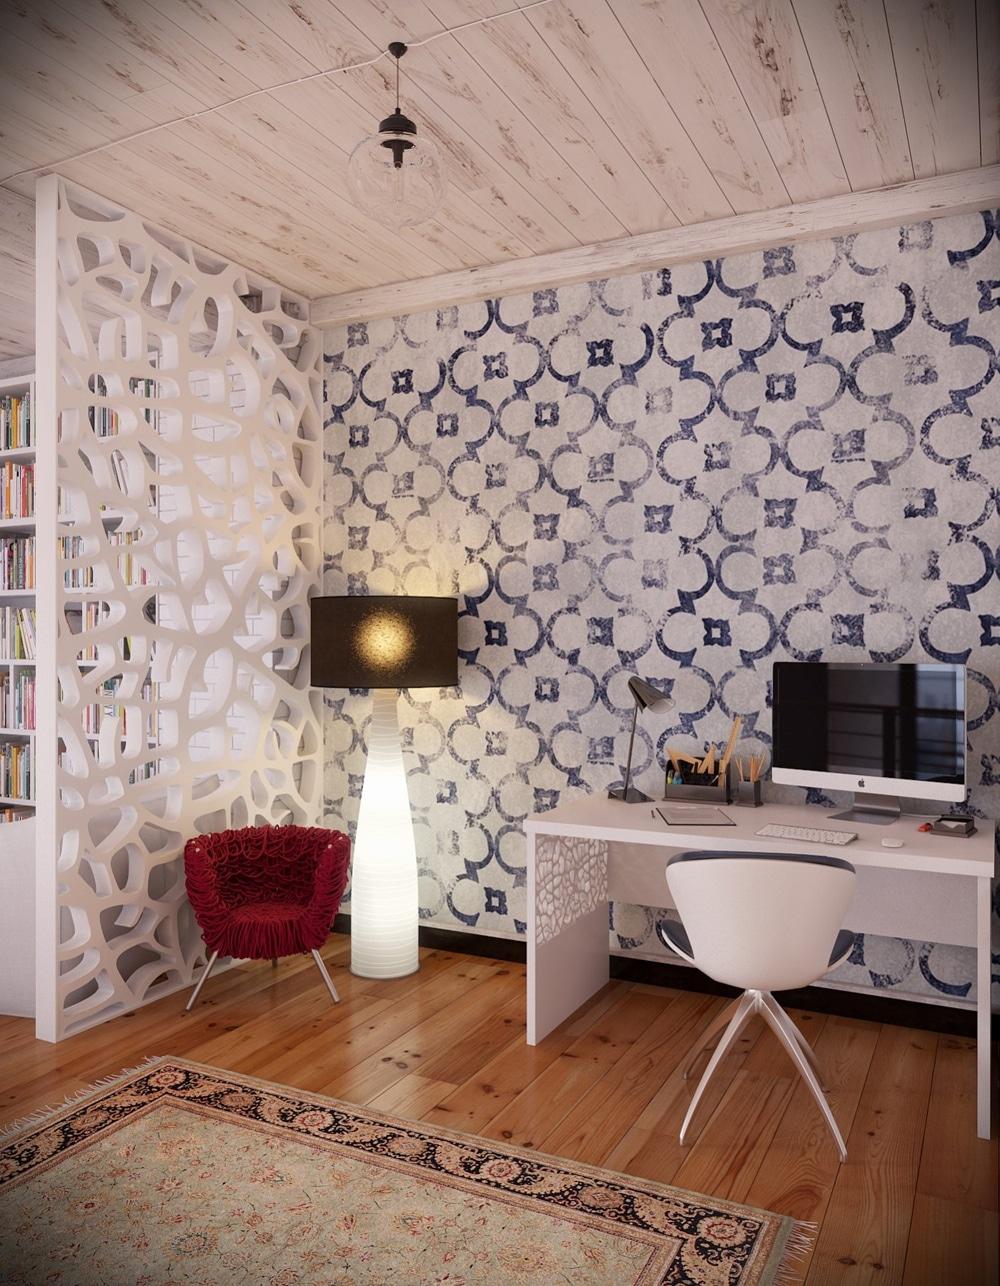 lemonbe-Un hogar que divide espacios utilizando colores en vez de paredes-07